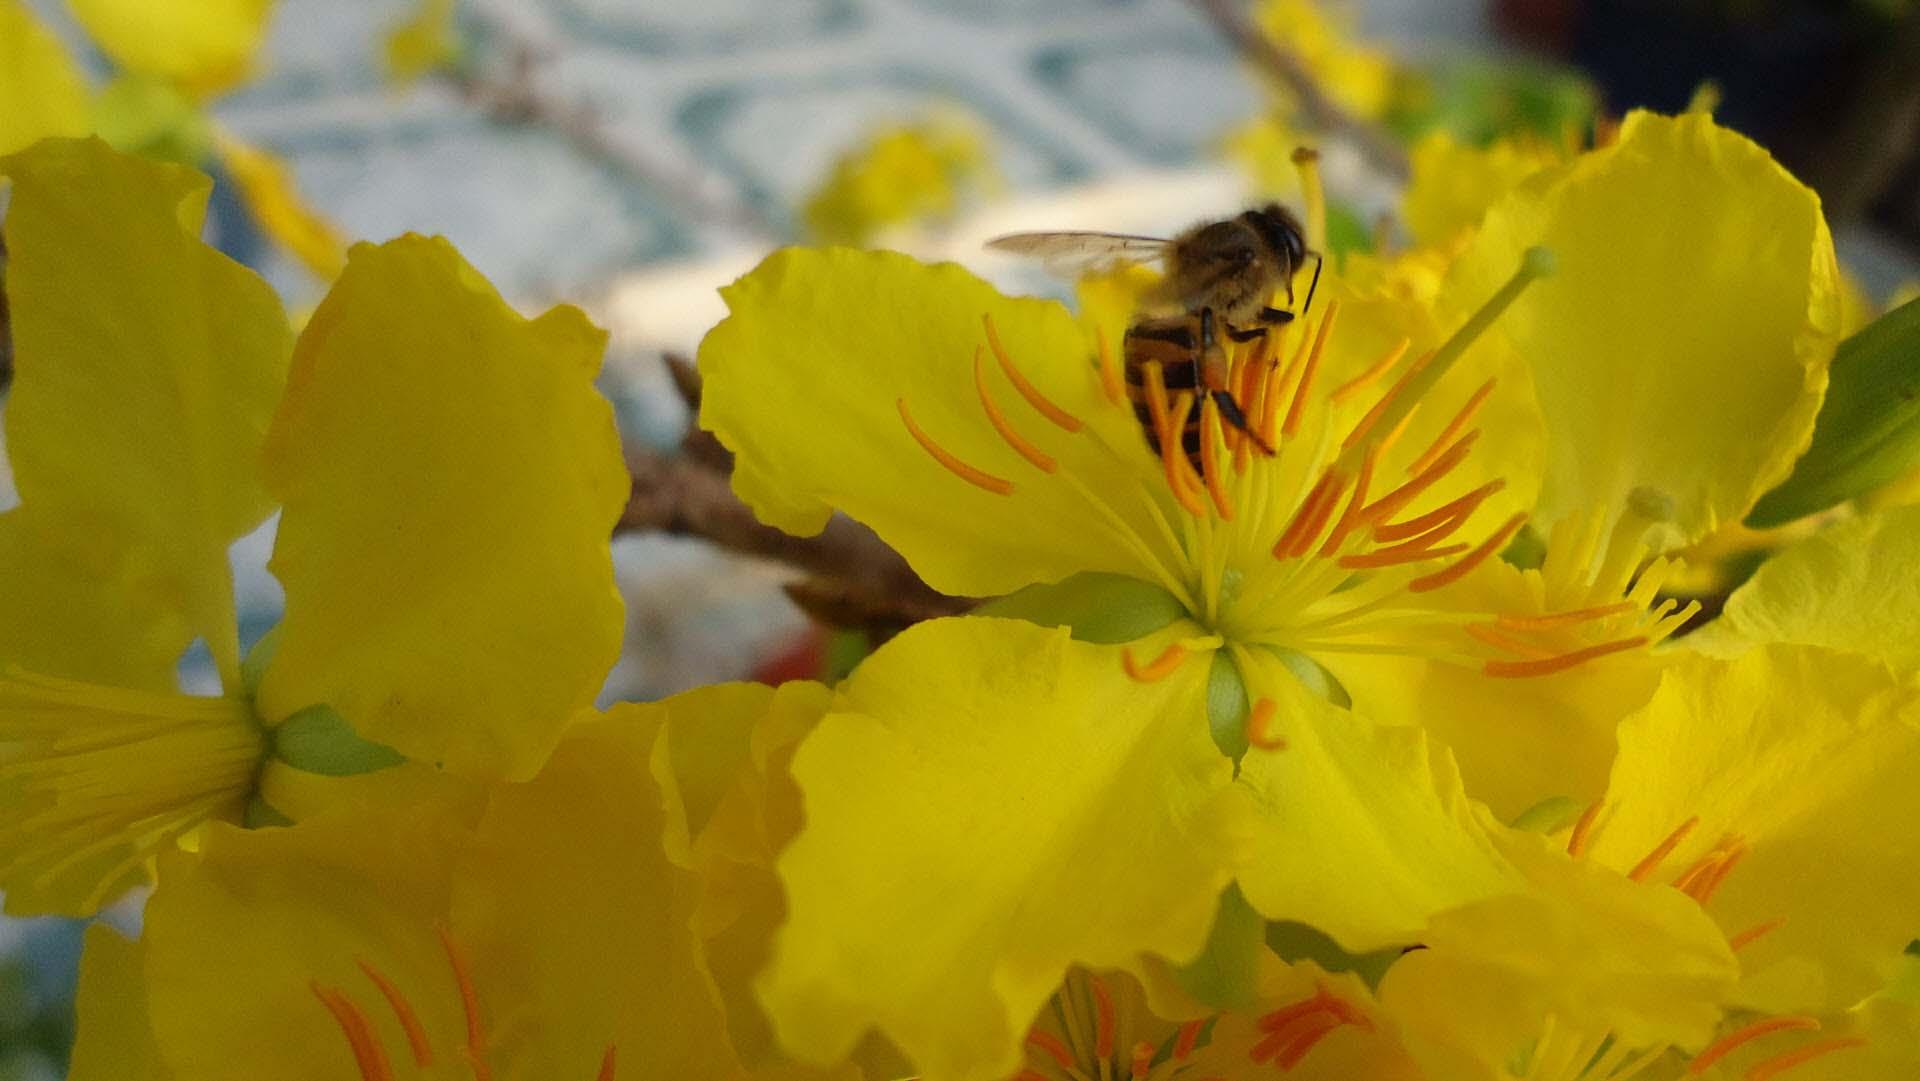 Hình ảnh hoa mai vàng và chú ong mật